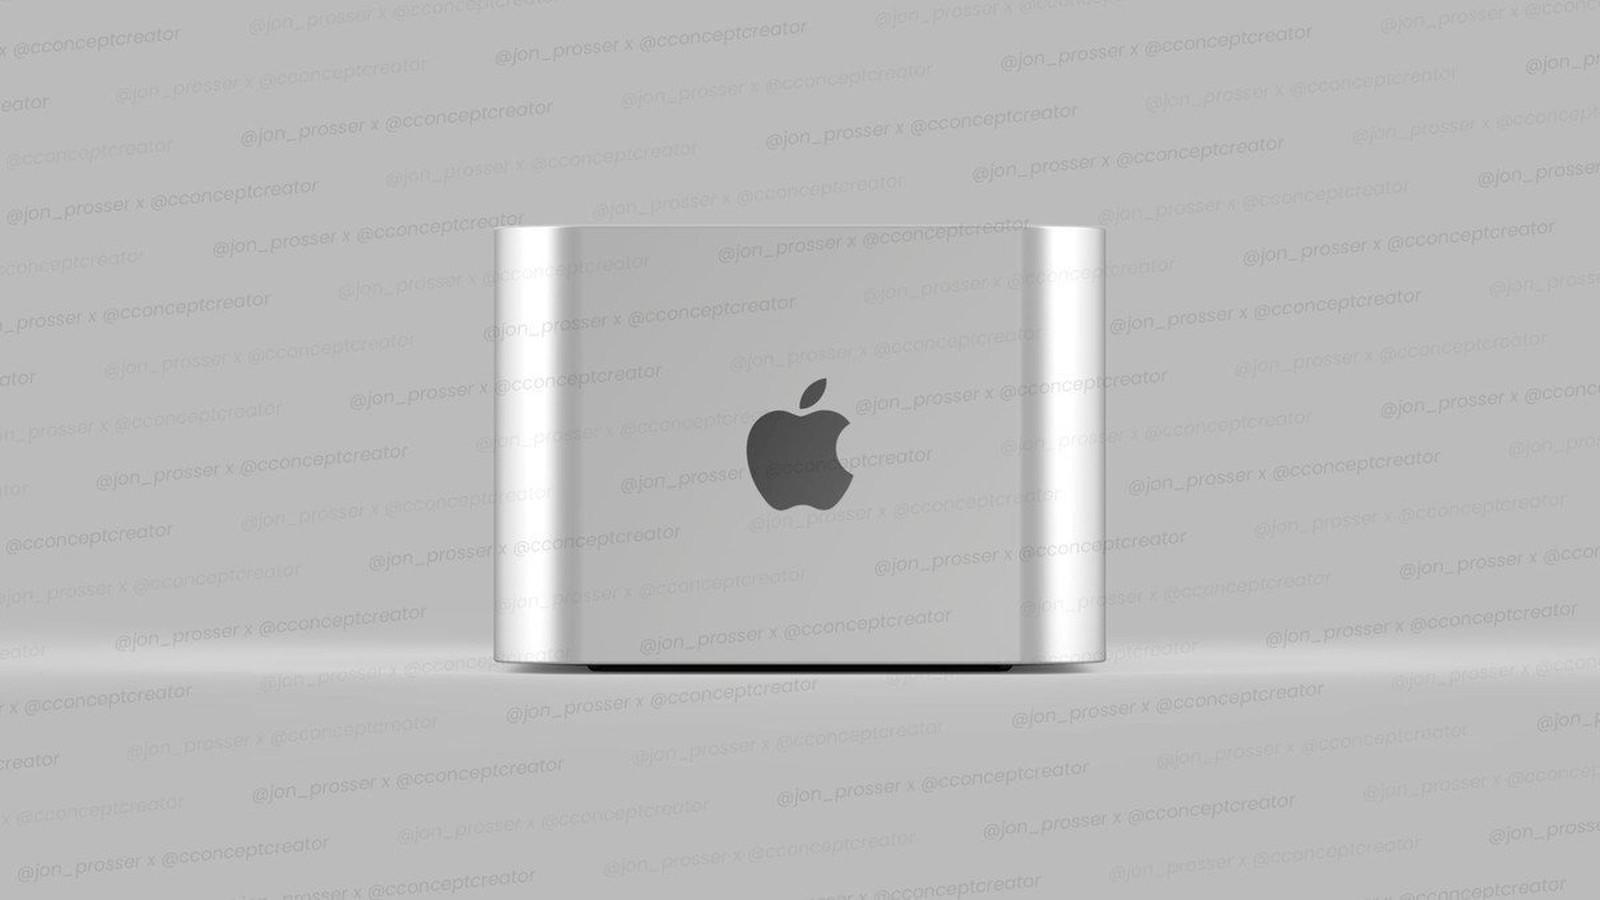 Le Mac Pro Apple Silicon imaginé par Jon Prosser et Concept Creator